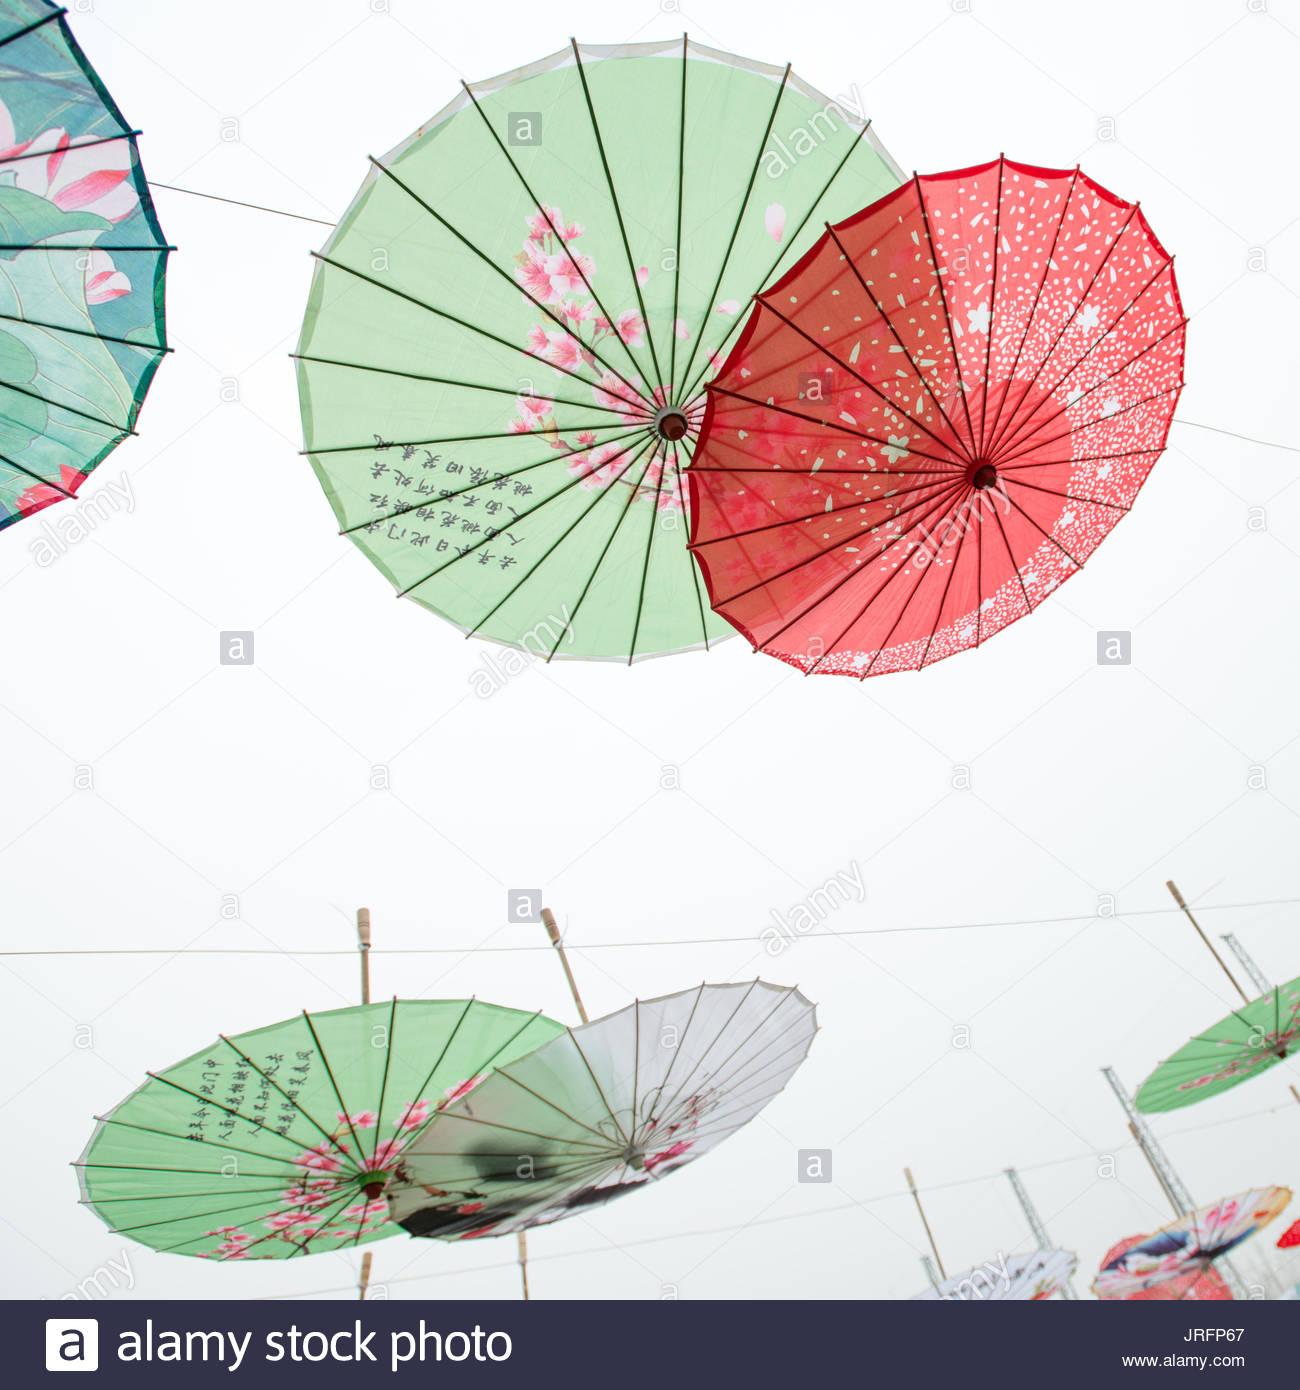 Hanging Umbrella Stock Photos & Hanging Umbrella Stock Images - Alamy